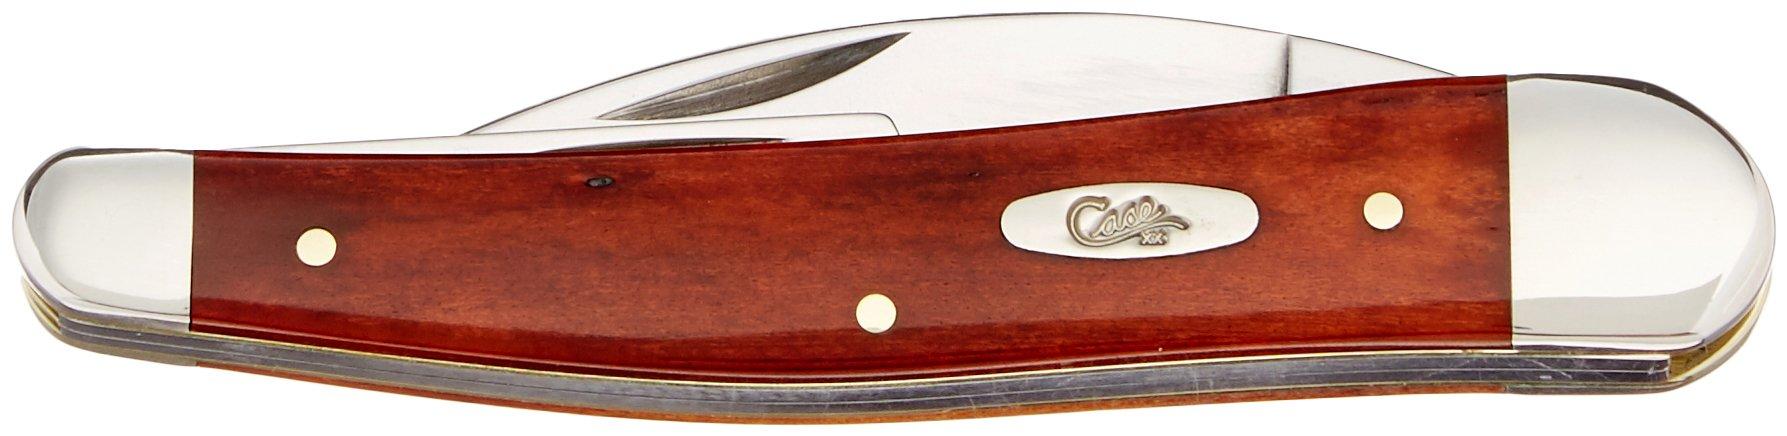 Case Whittler Pocket Knives